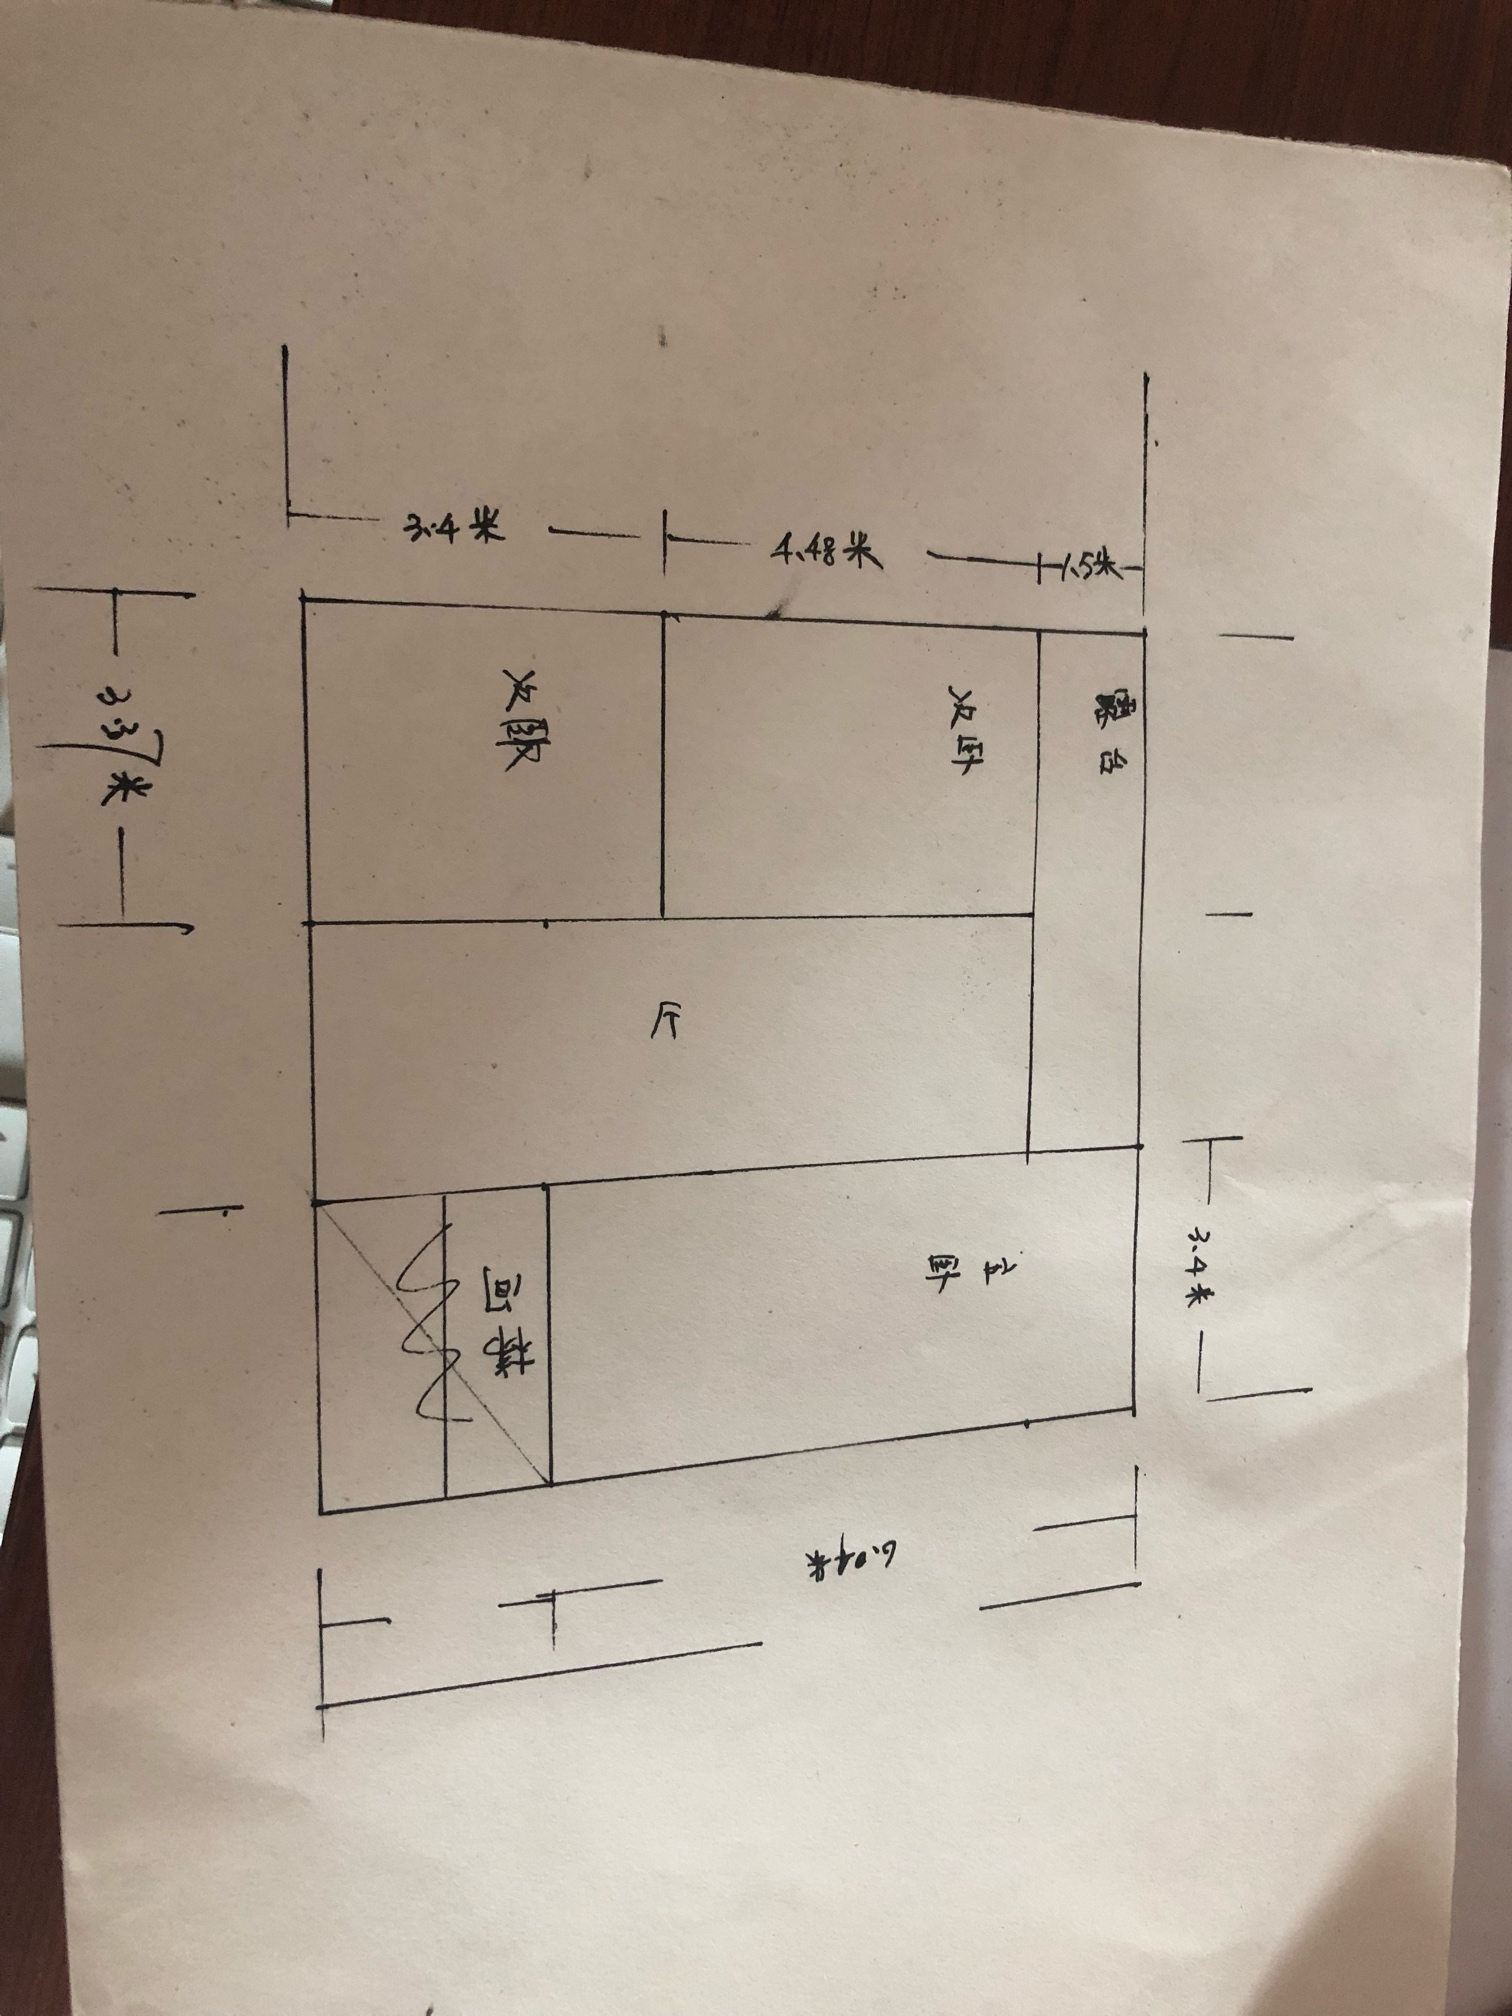 农村自建房二楼有个长厅该怎么乐投letou官网备用好?长875米,宽只有2.8米,不需要厨房和洗手